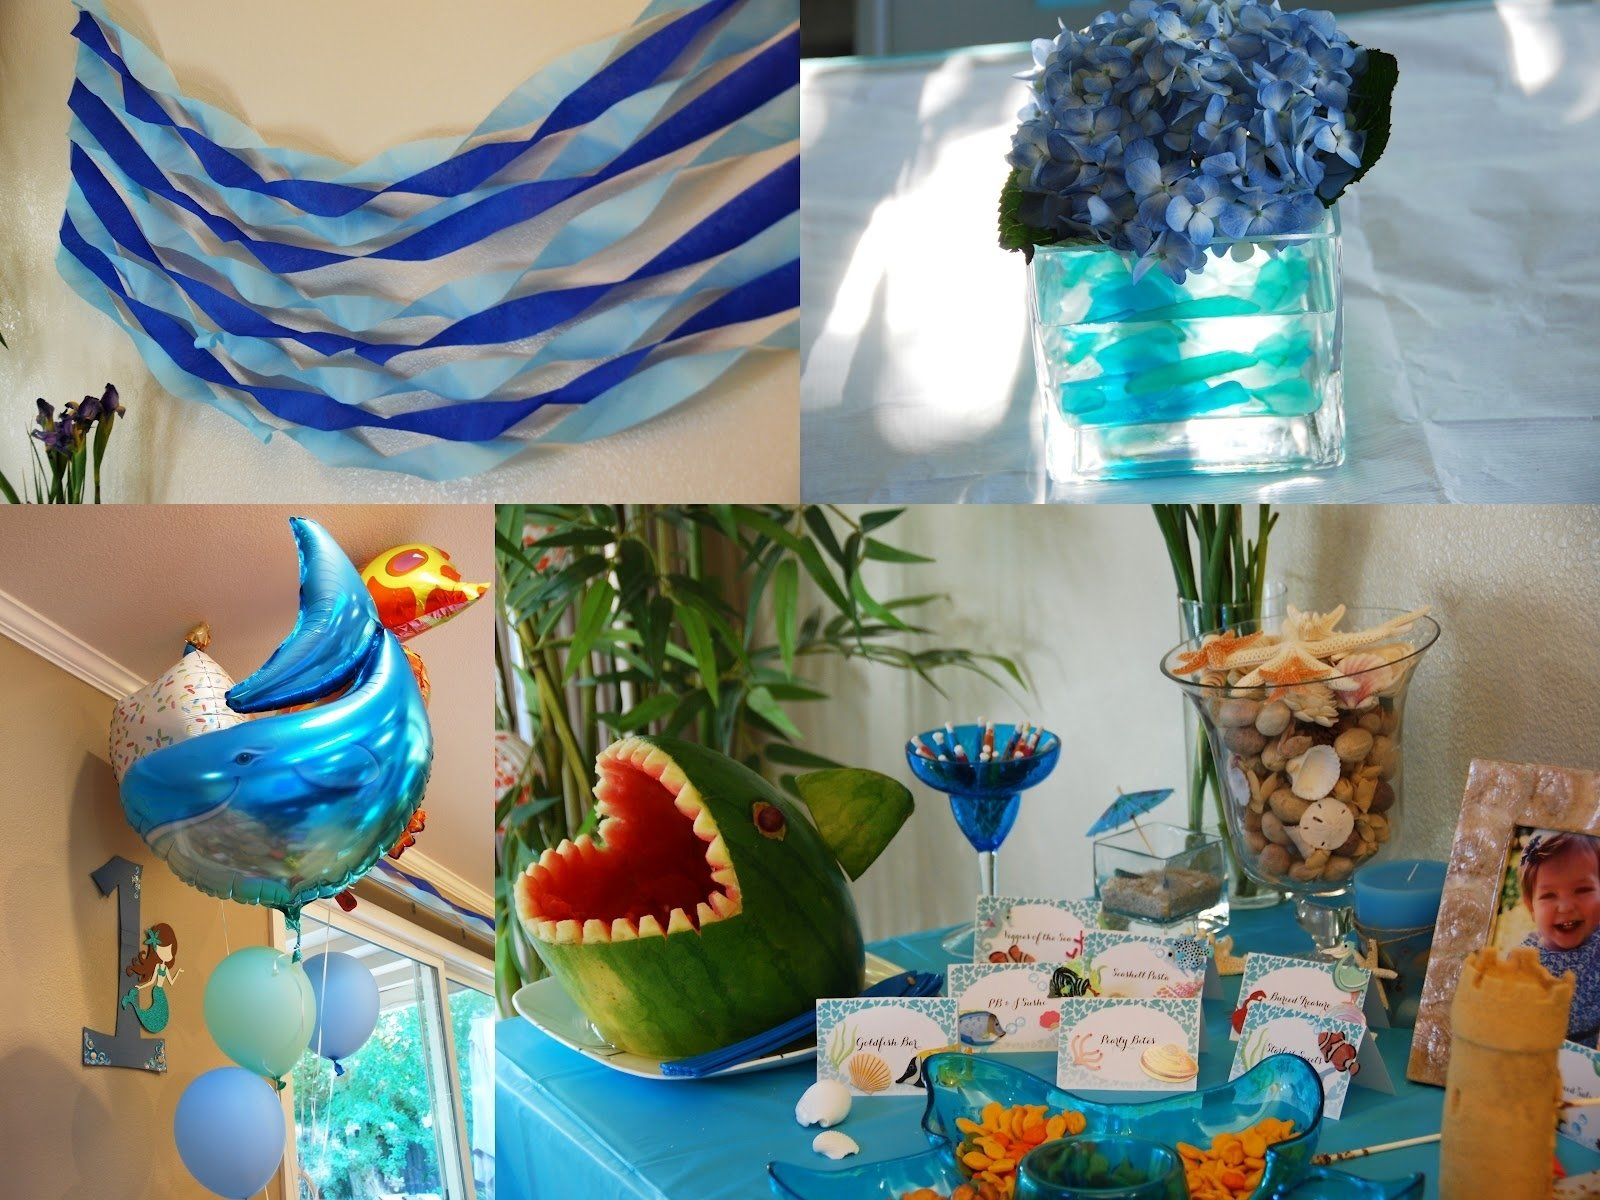 10 Stunning Under The Sea Birthday Party Ideas under the sea 1st birthday party decorations from under the sea 2021